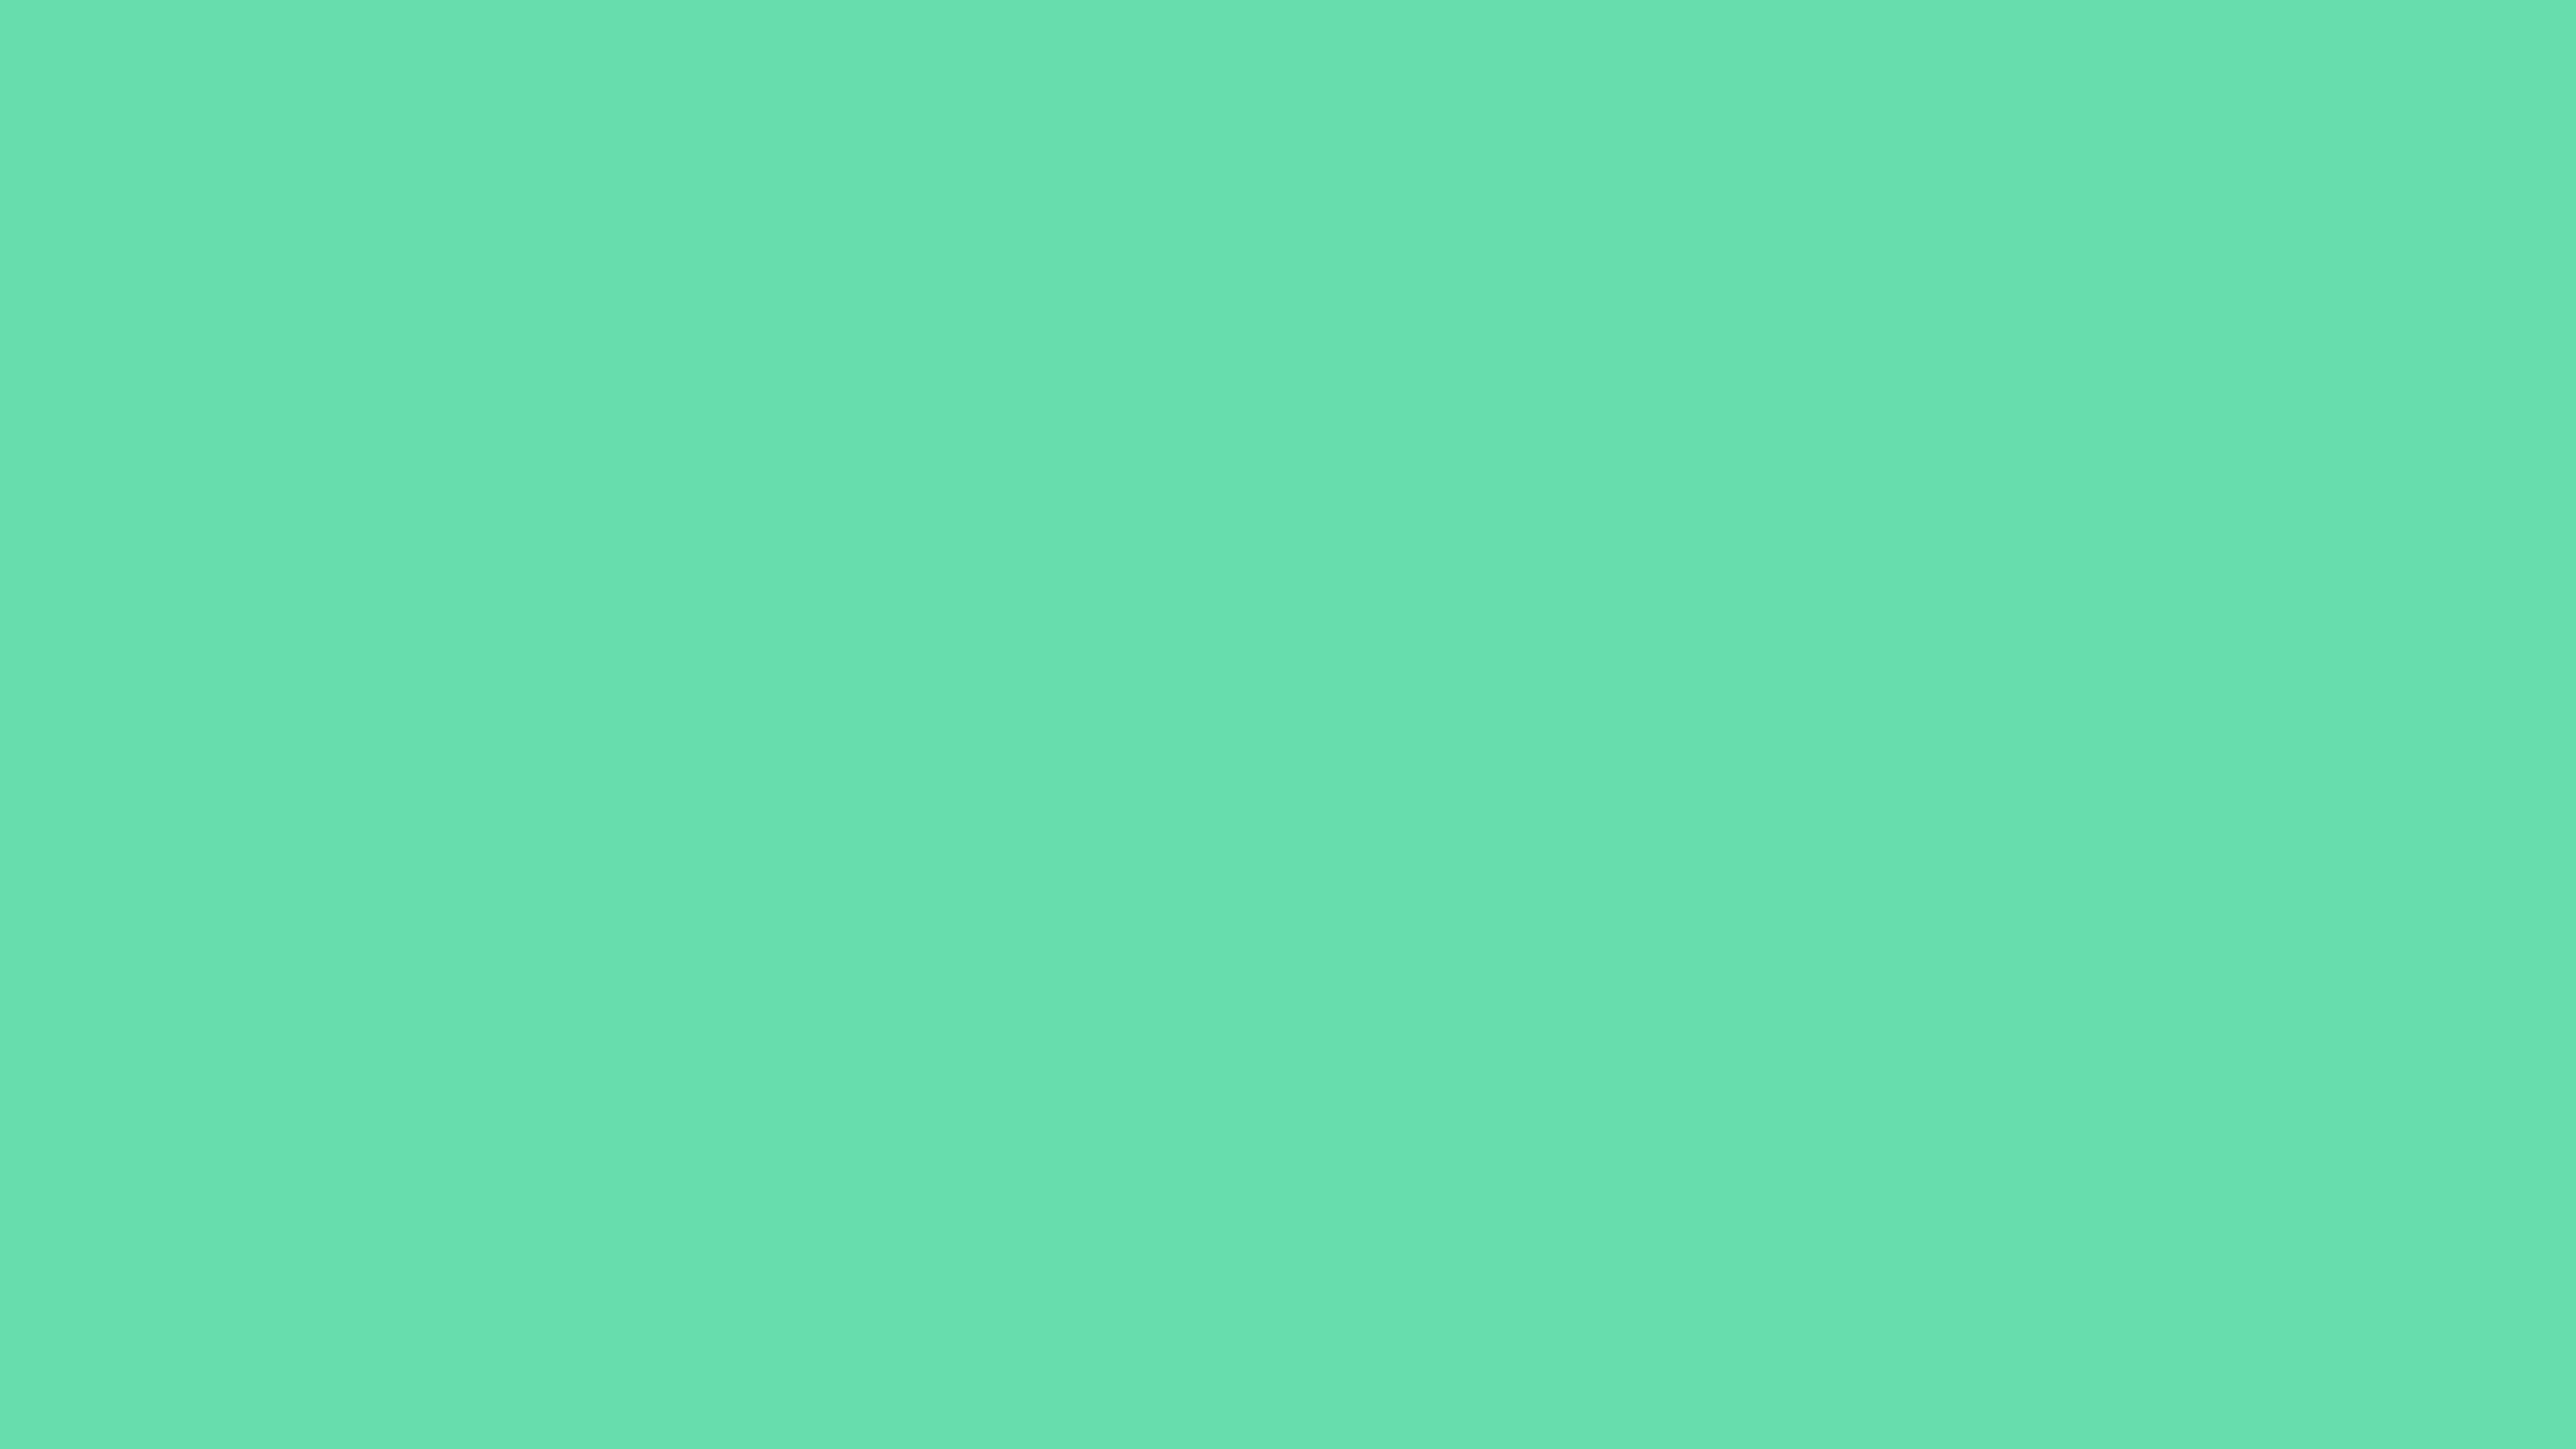 5120x2880 Medium Aquamarine Solid Color Background